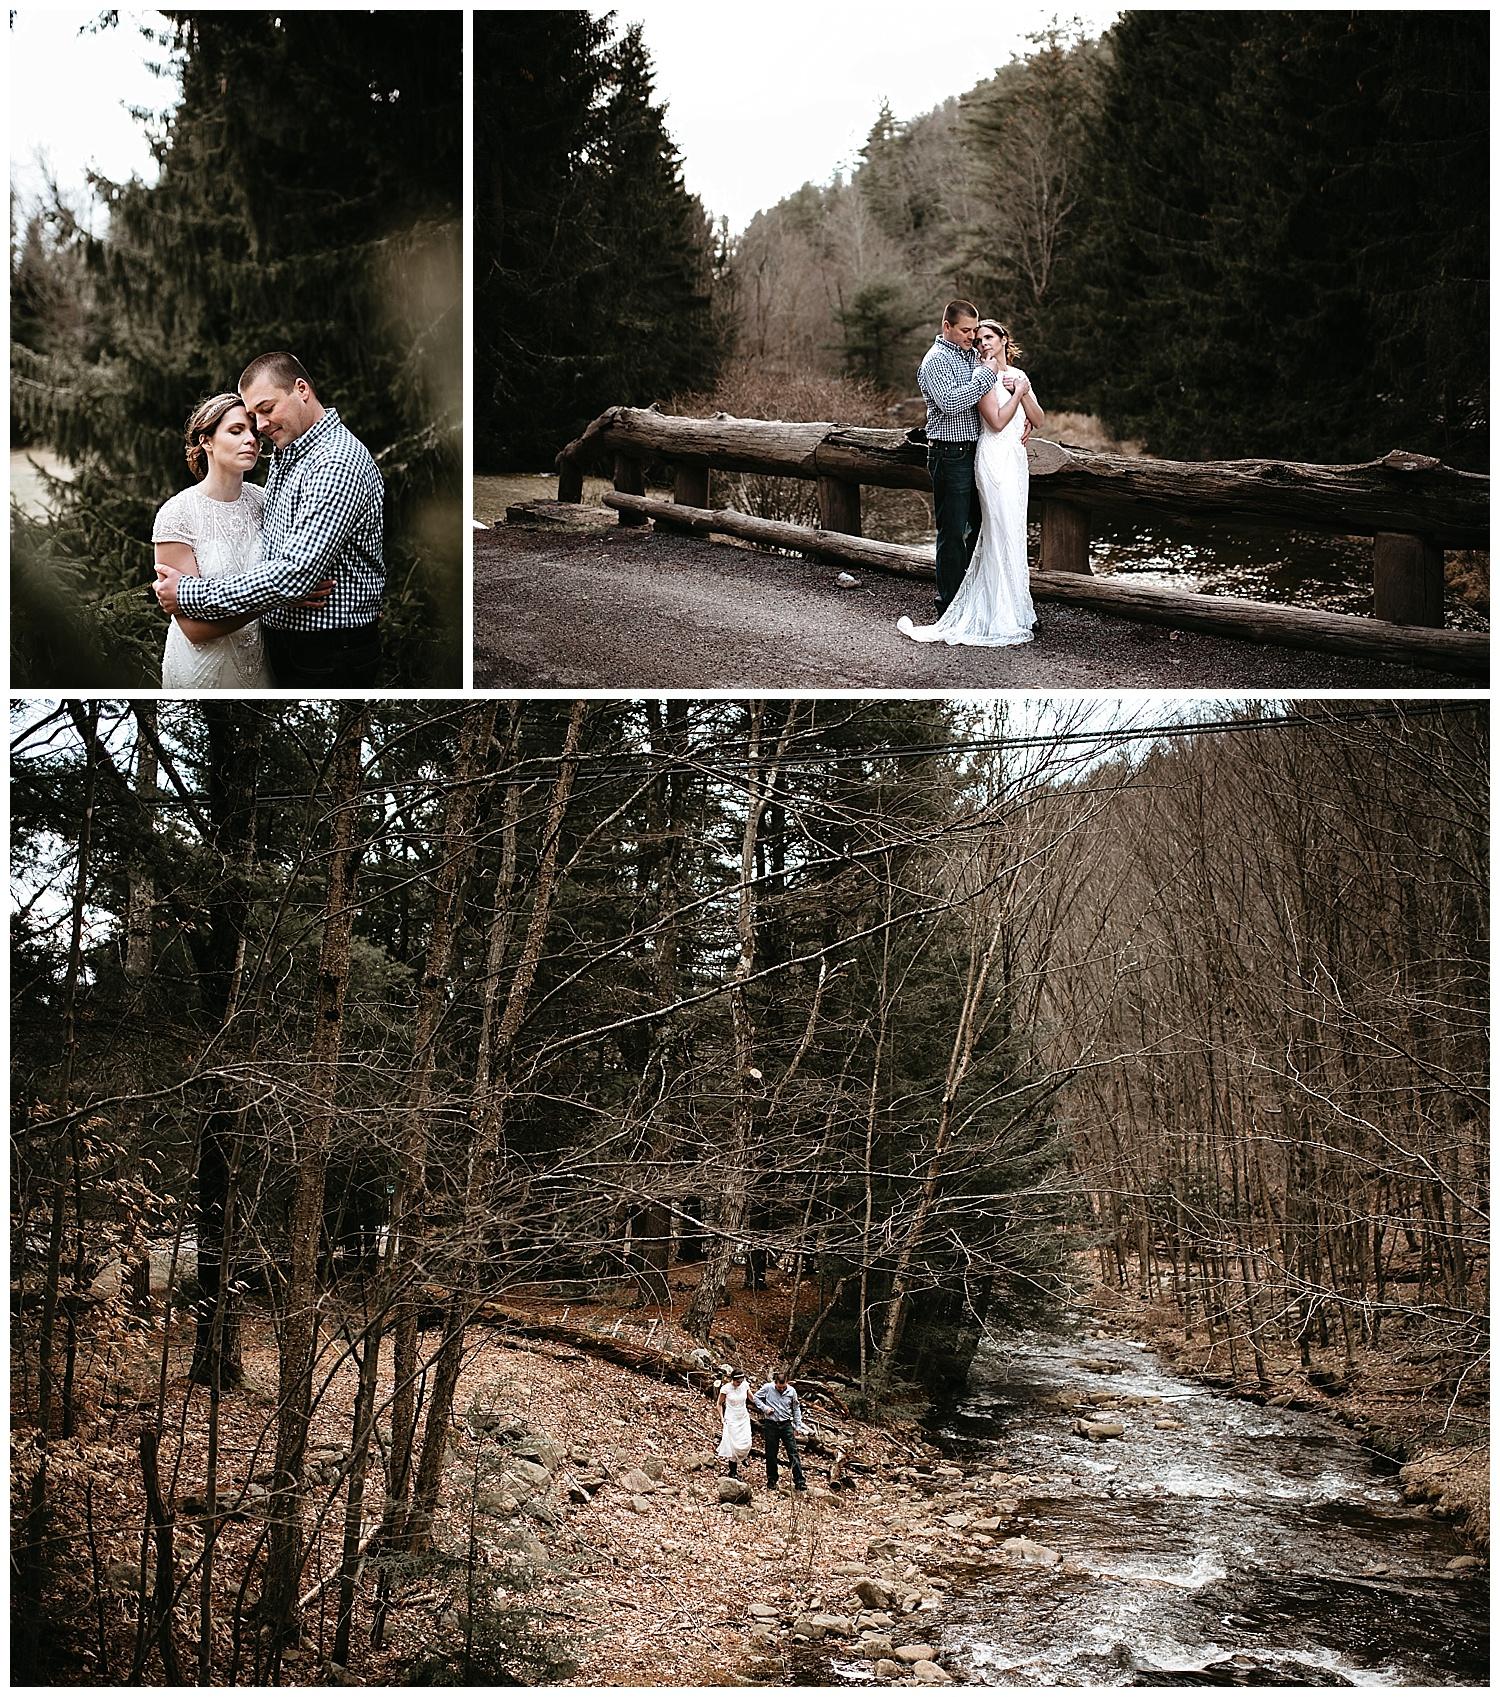 NEPA-Wedding-Engagement-photographer-hickory-run-state-park-hawk-falls-elopement_0024.jpg